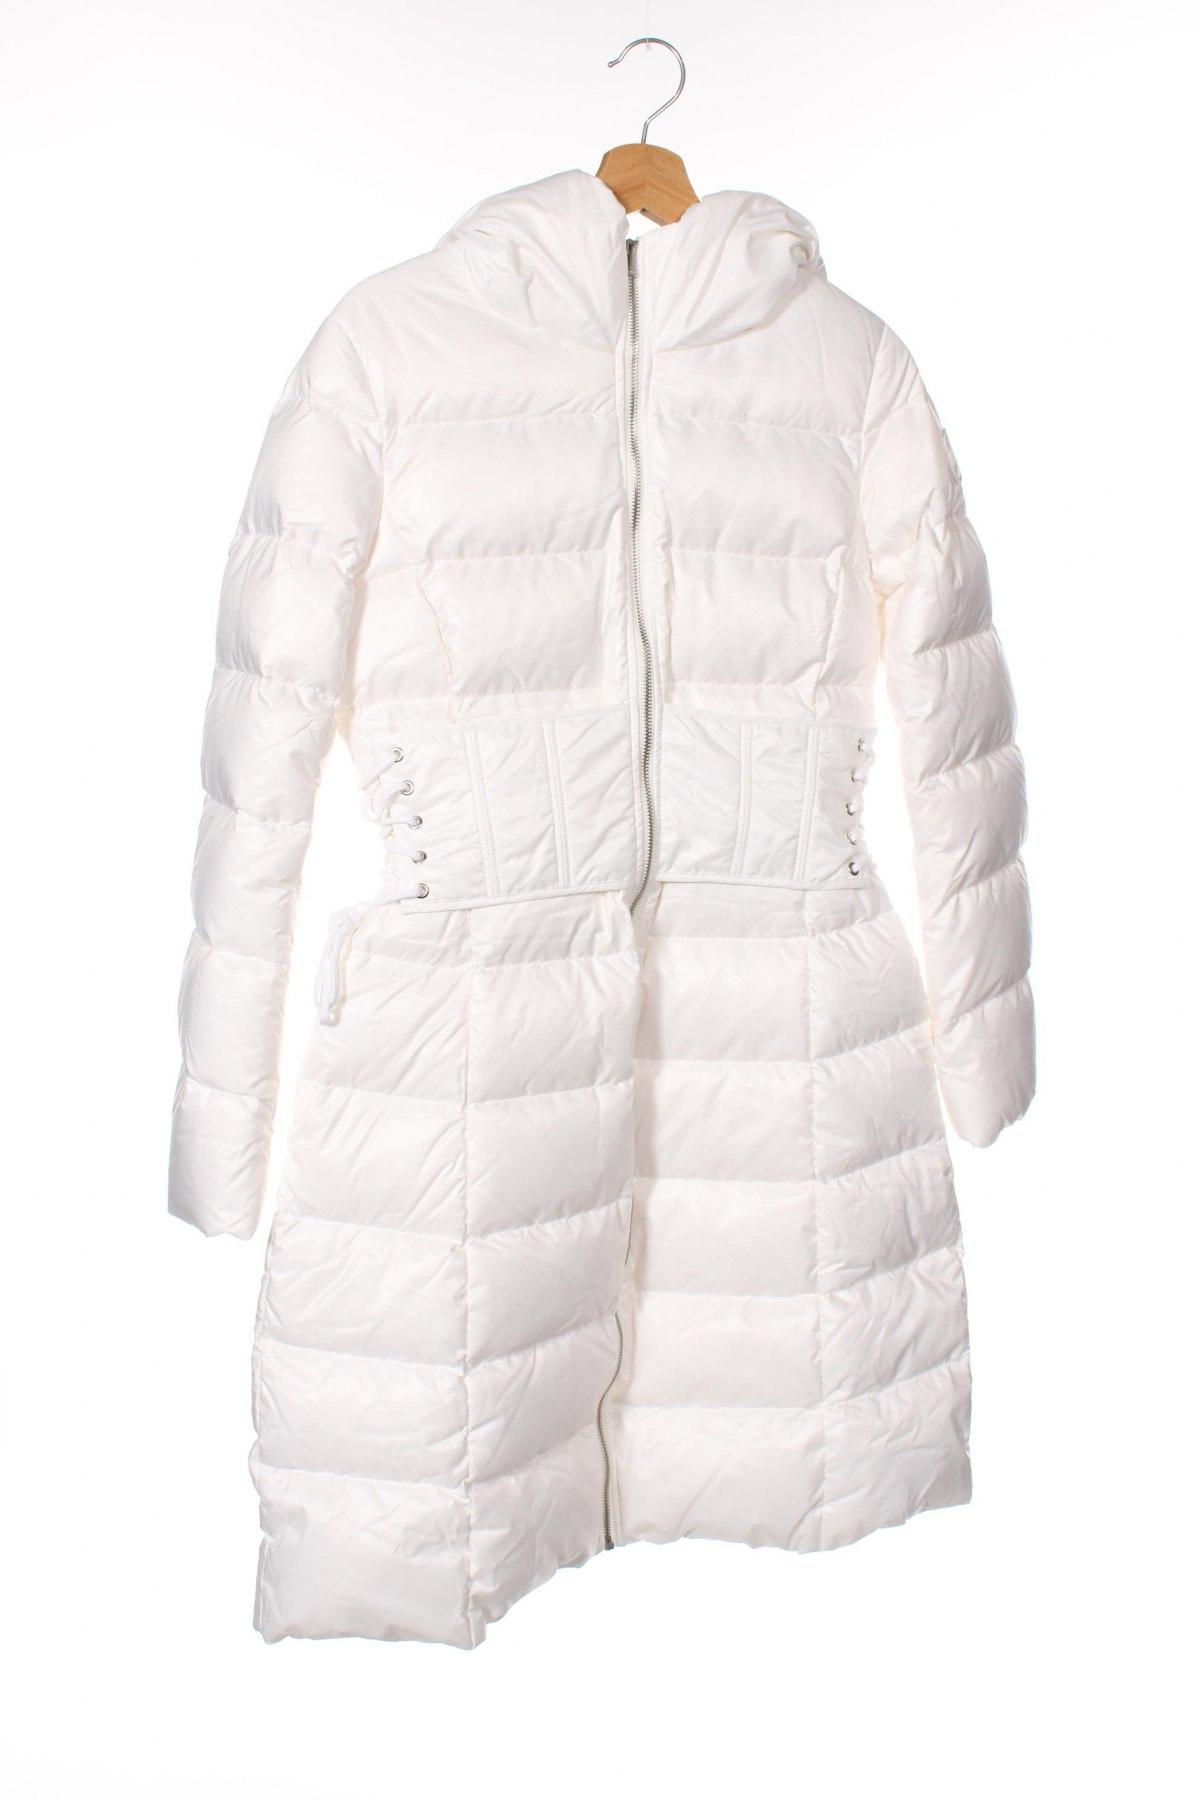 Γυναικείο μπουφάν Miss Sixty, Μέγεθος XS, Χρώμα Λευκό, Πολυεστέρας, φτερά και πούπουλα, Τιμή 154,25€